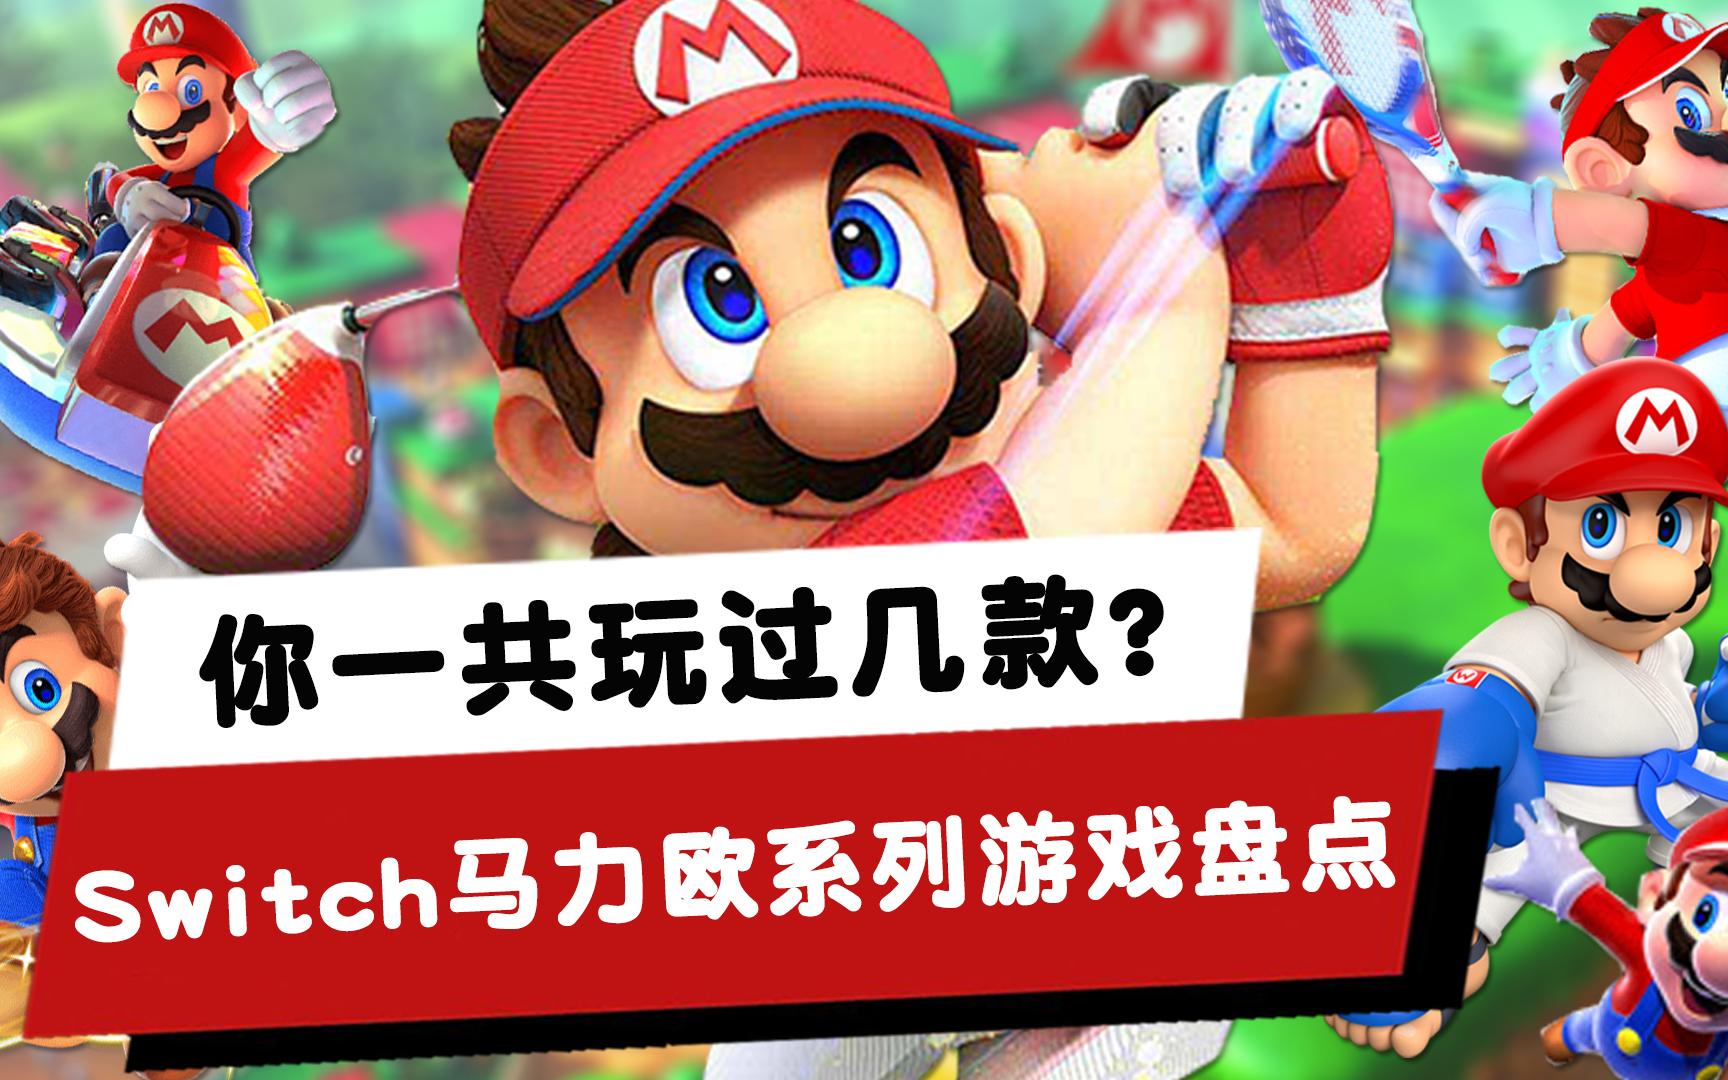 能文又能武,Switch上的全部马力欧游戏你玩过几款?